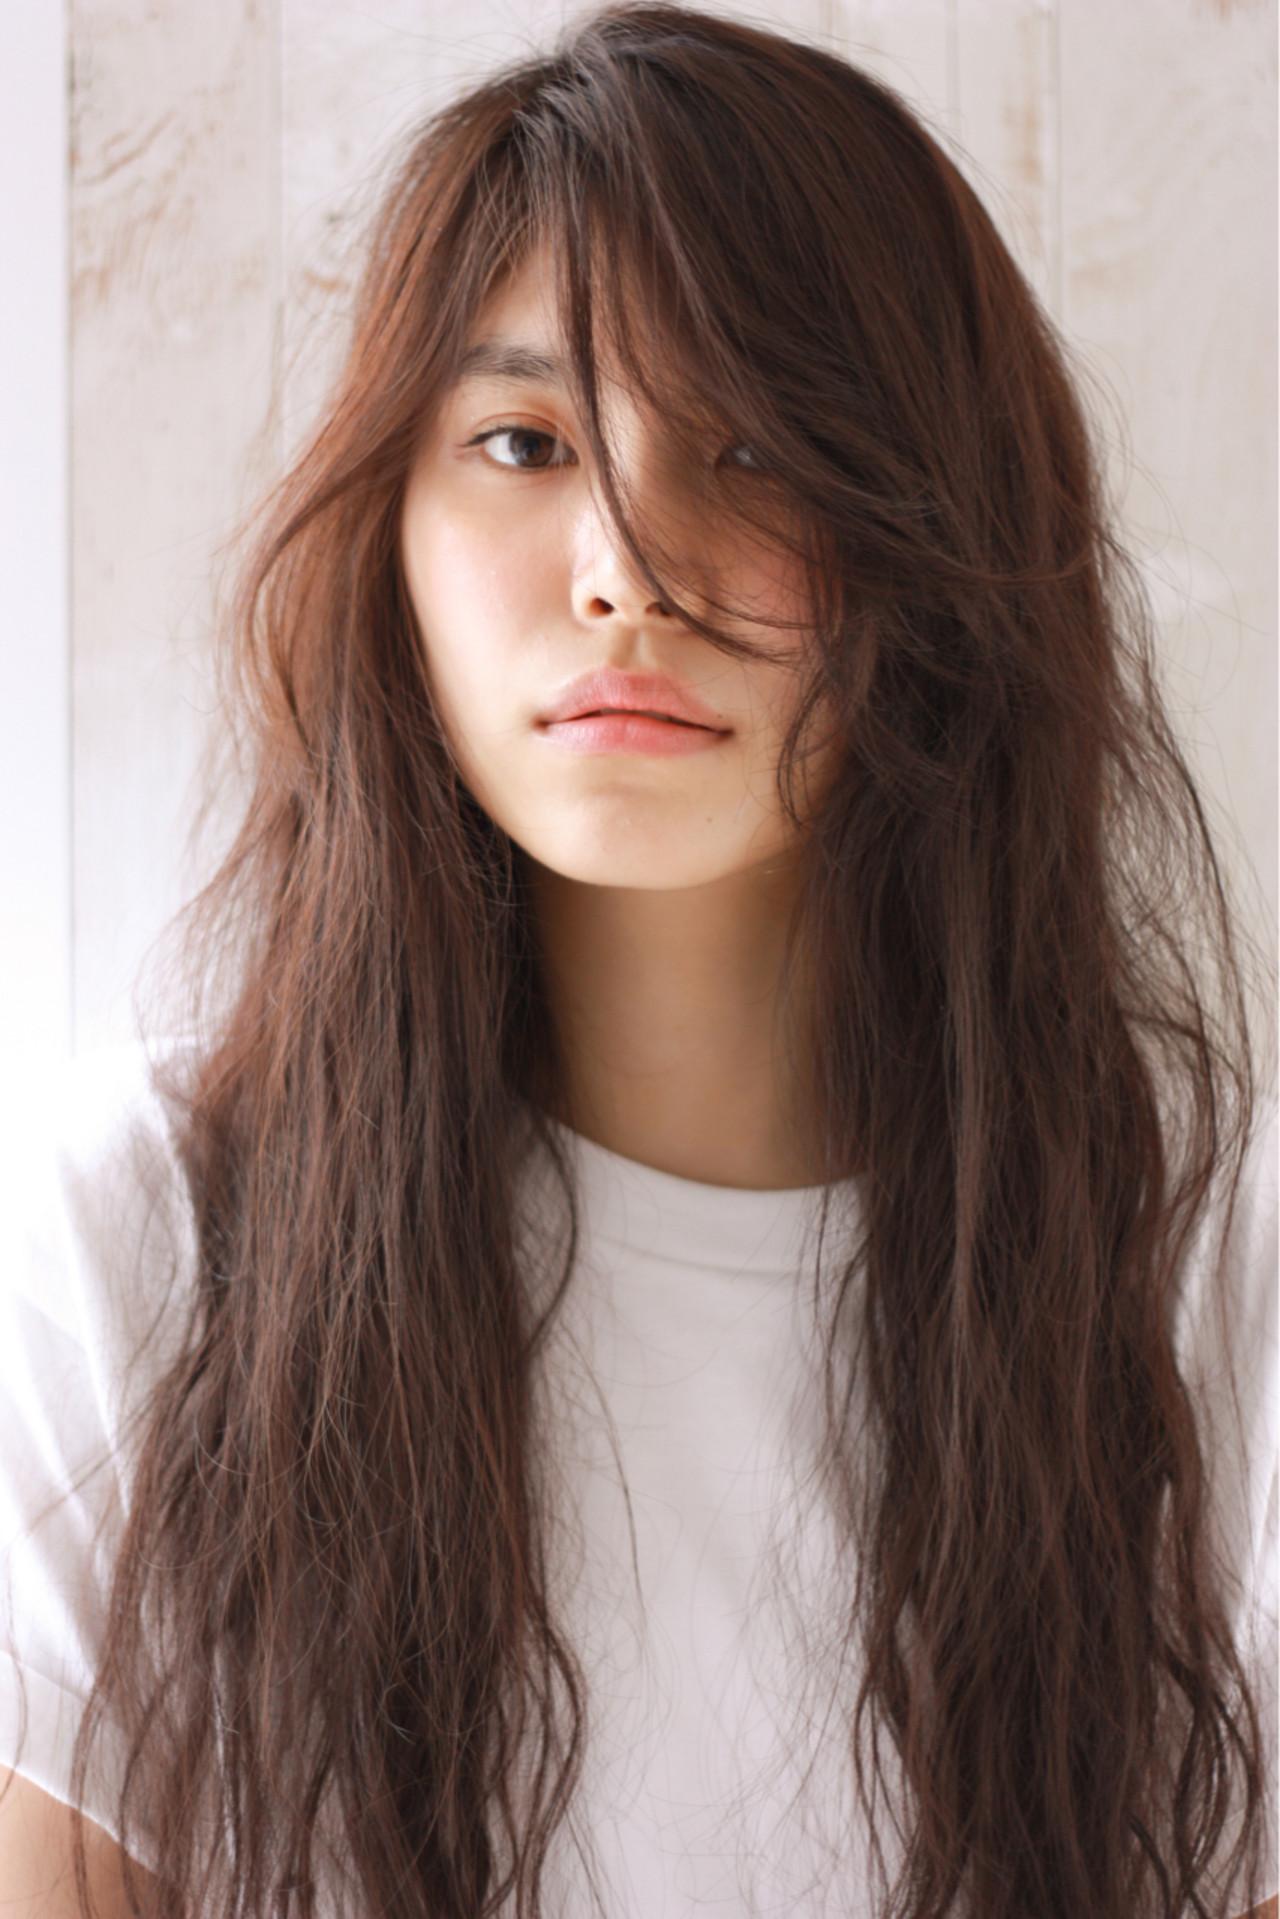 パーマ 前髪あり ストリート アッシュ ヘアスタイルや髪型の写真・画像